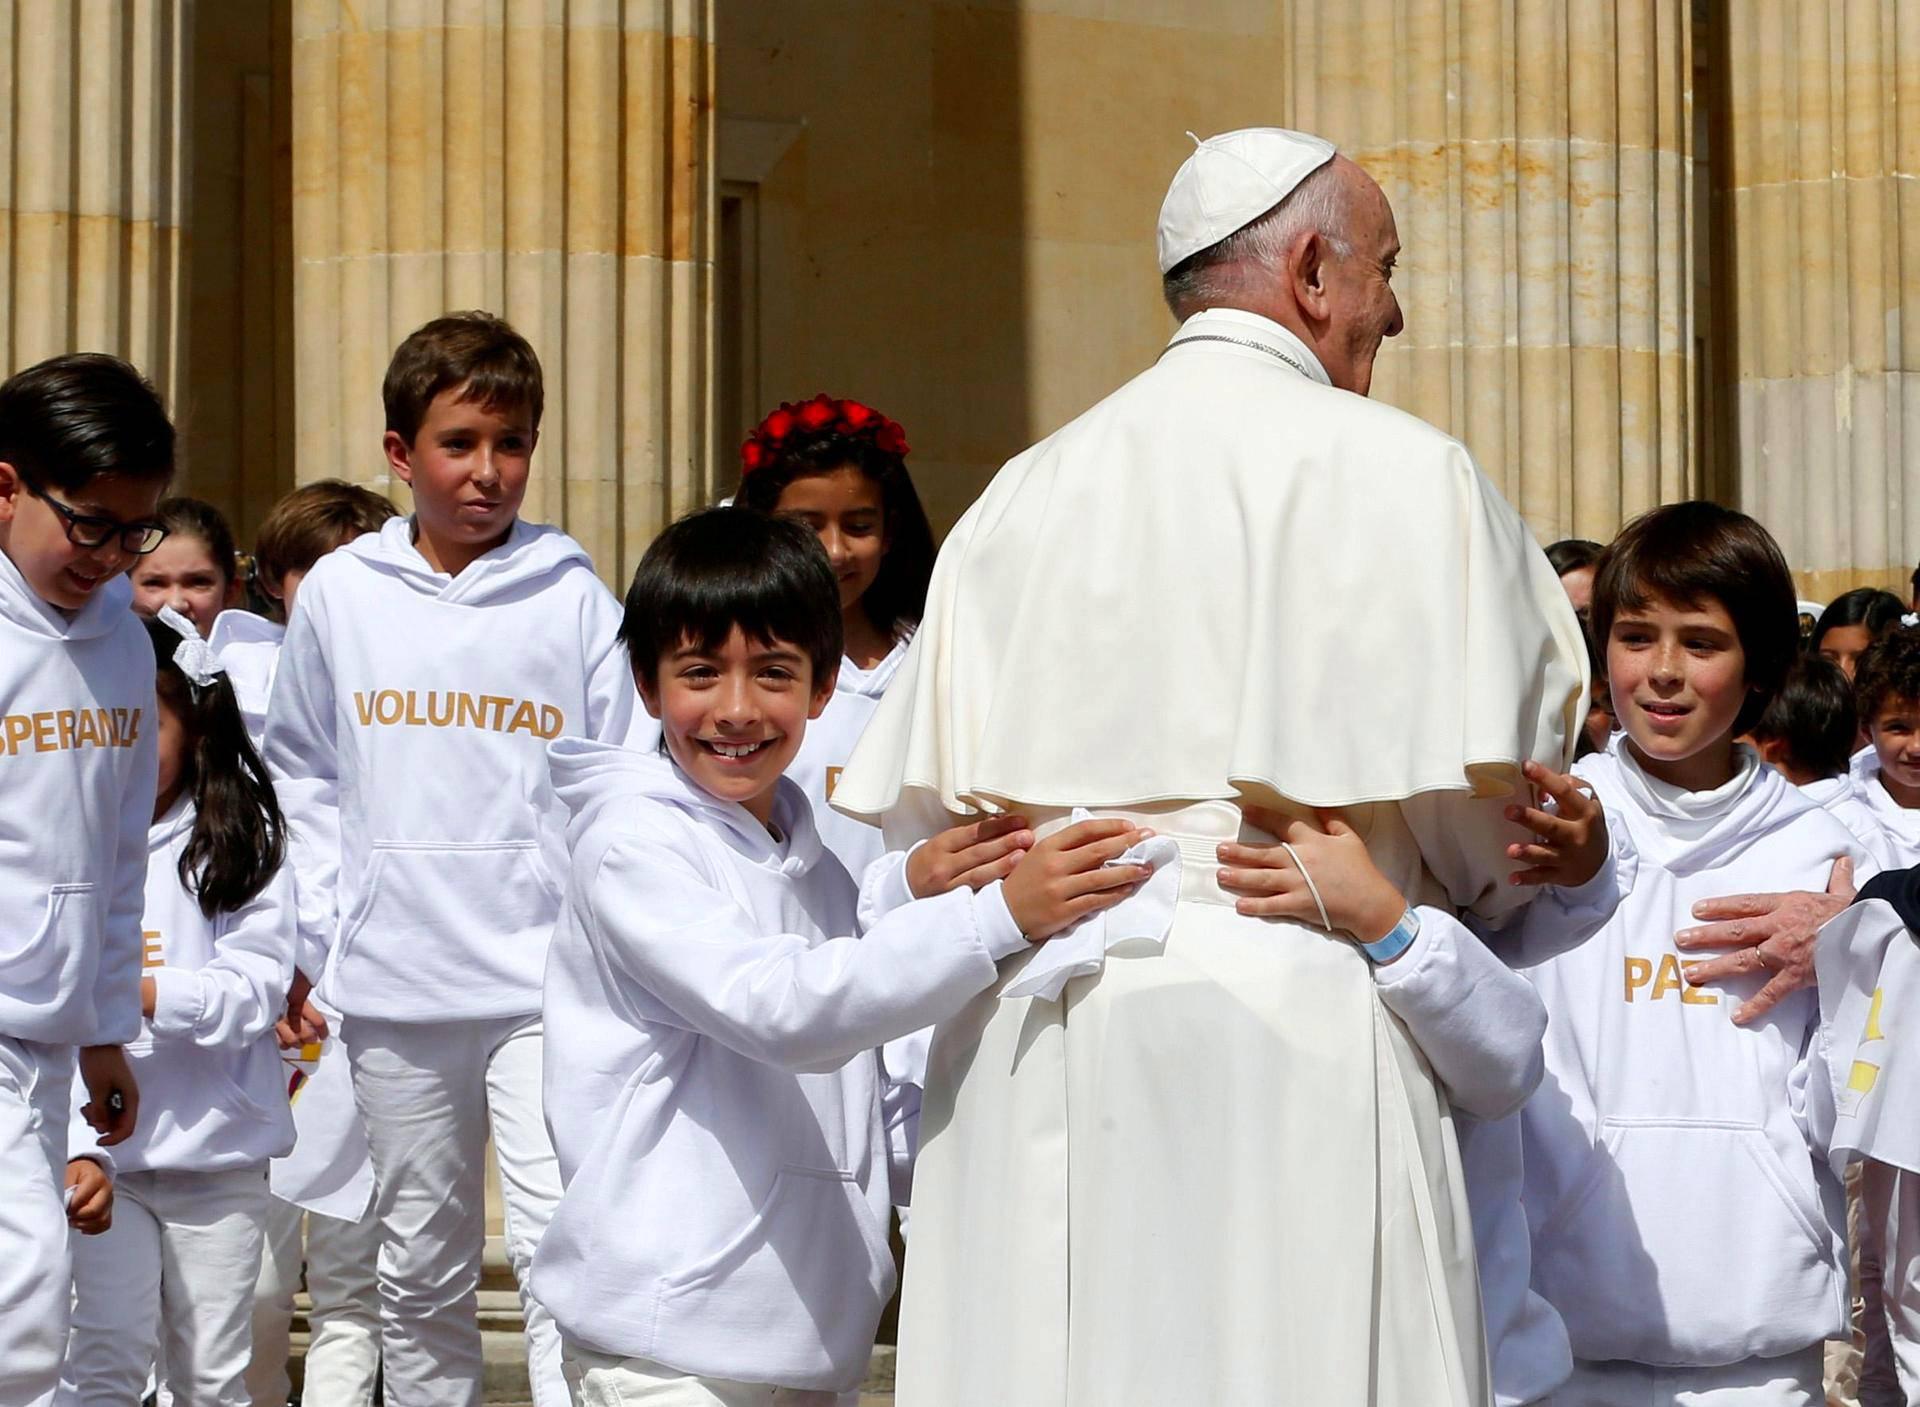 Kolumbialaislapset tervehtivät paavi Franciscusta tämän saapuessa presidentinpalatsiin Bogotassa torstaina.